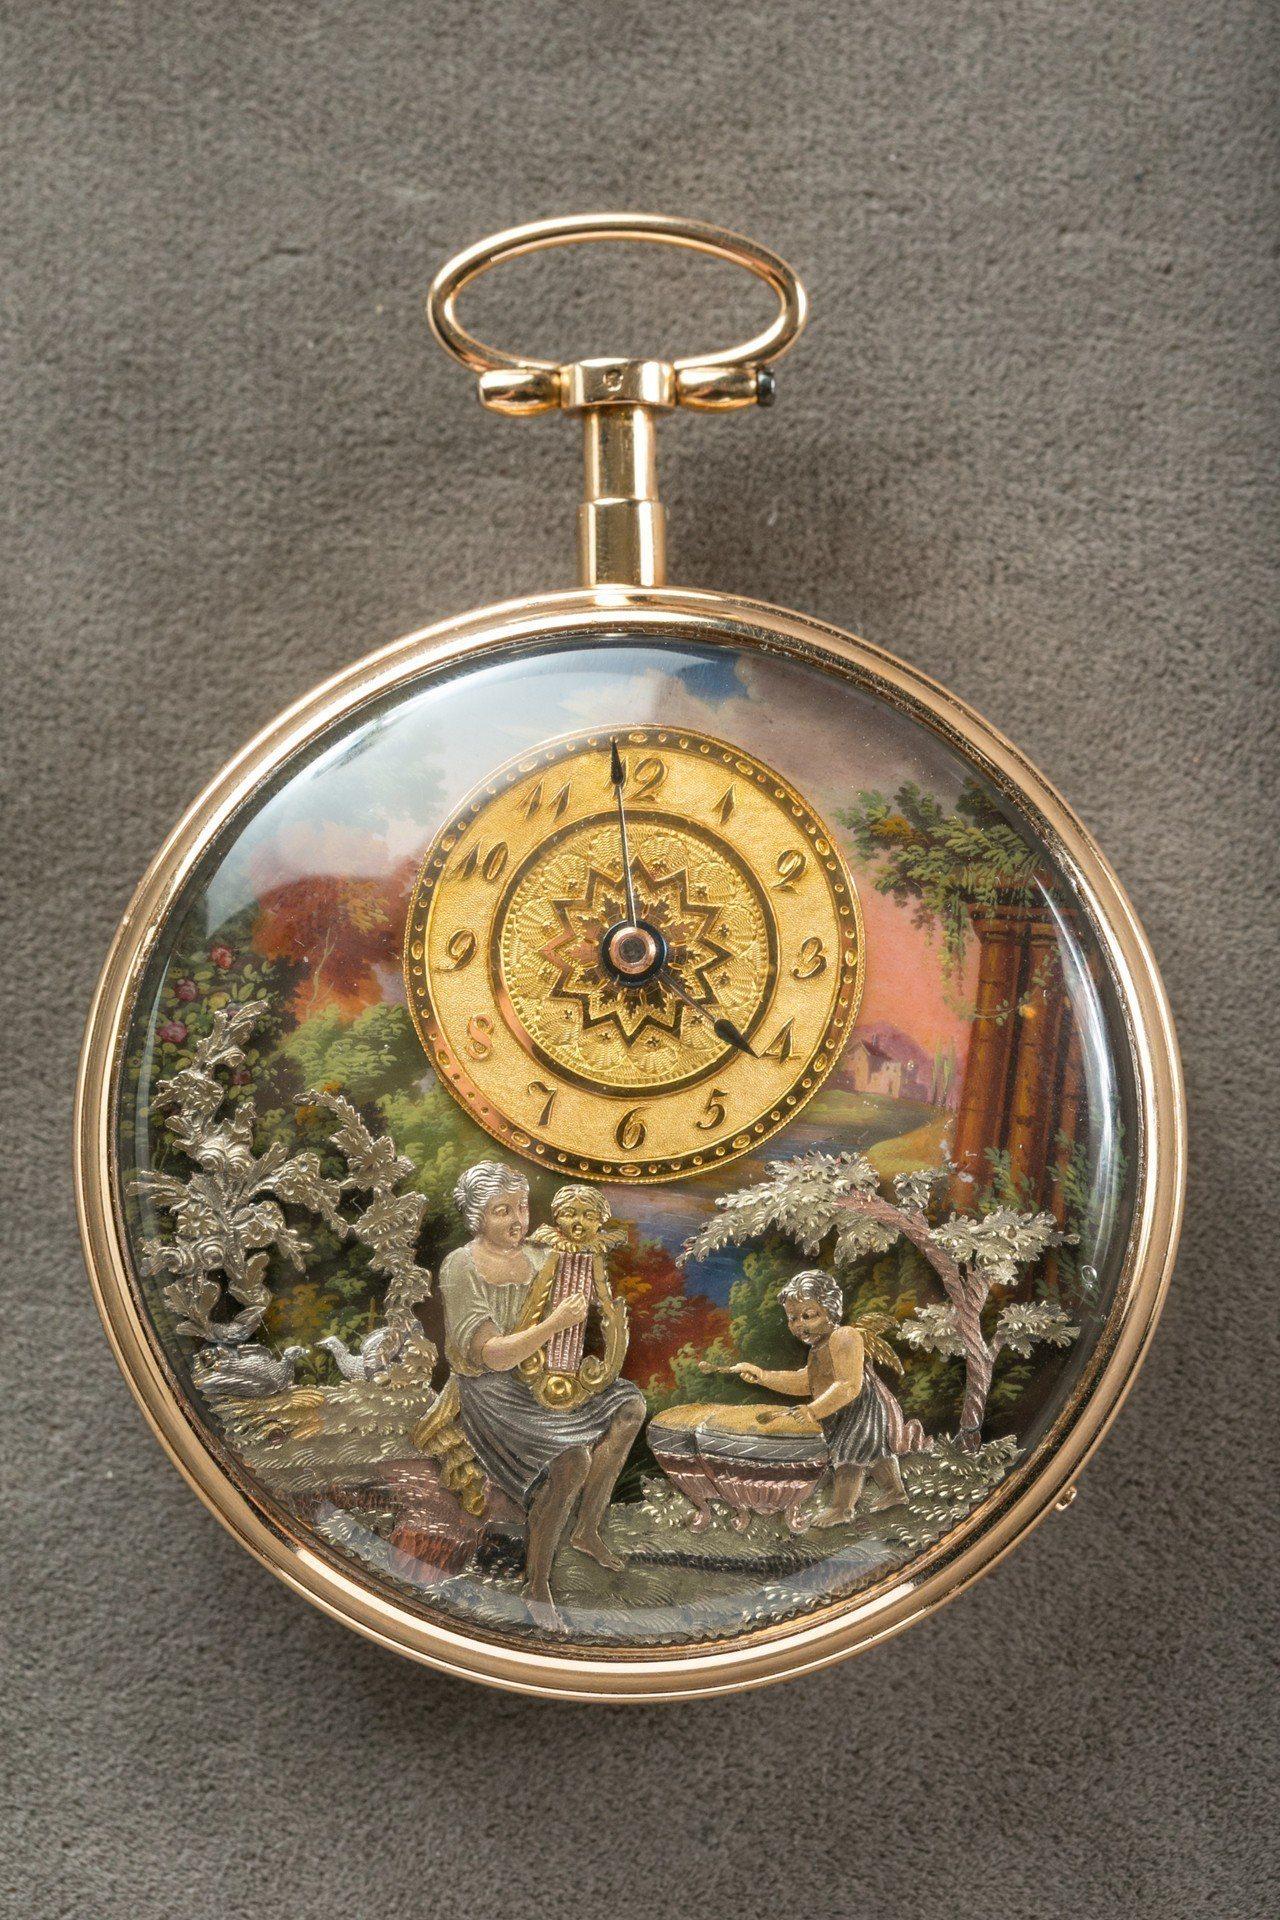 1780年間的琺瑯面盤三問人偶表,表盤上的金質浮雕就是少見的白金、黃金、玫瑰金三...